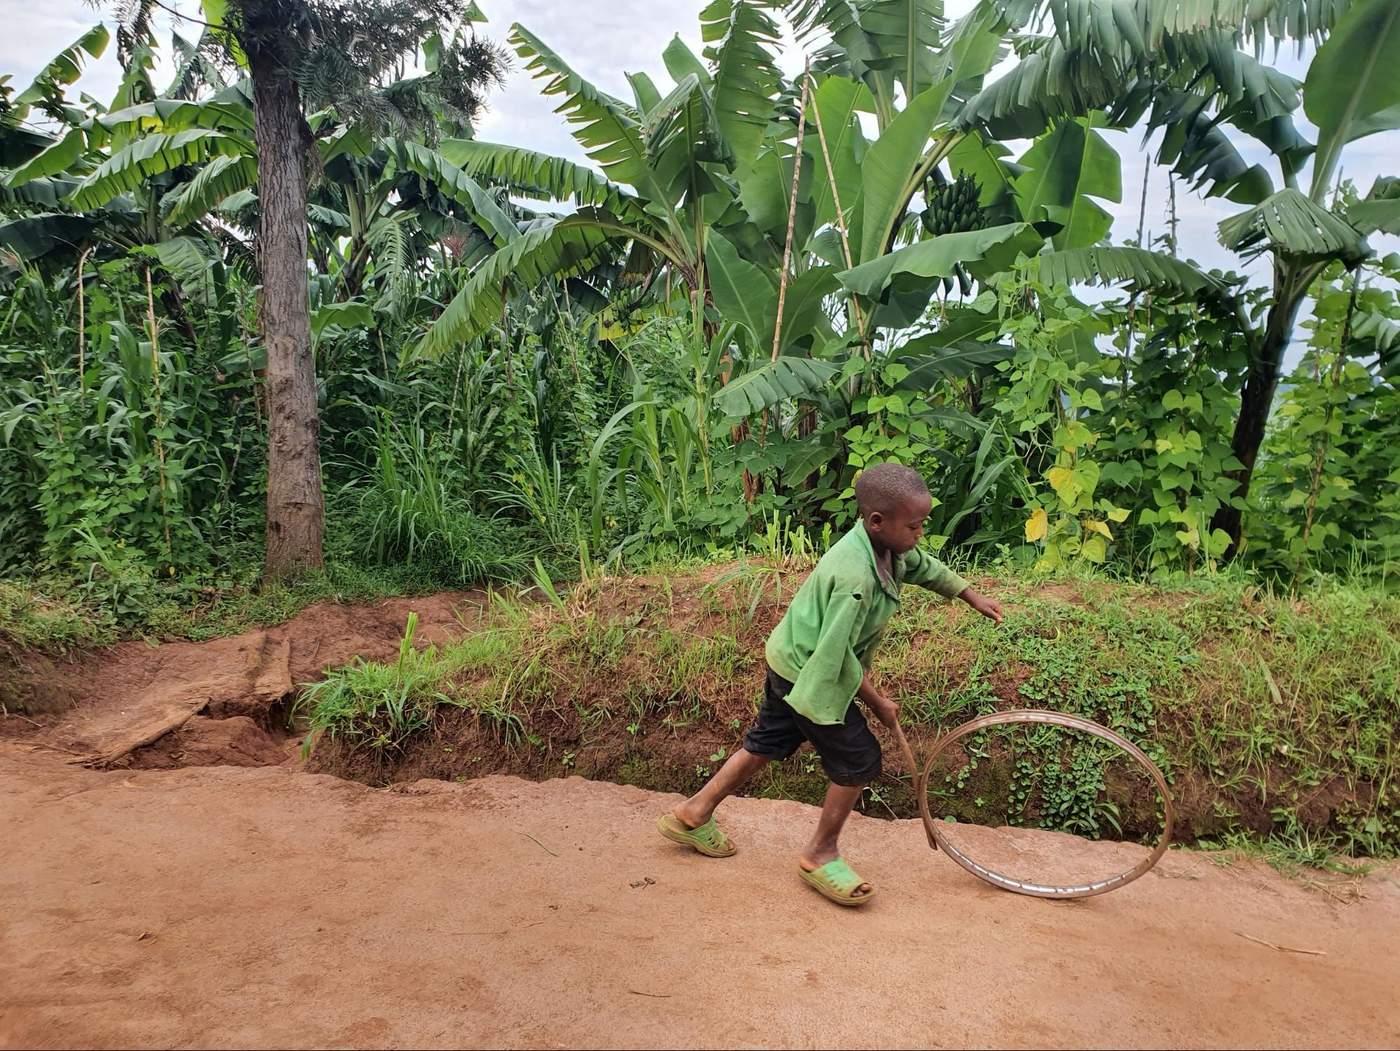 שיט בקונגו נייל טרייל